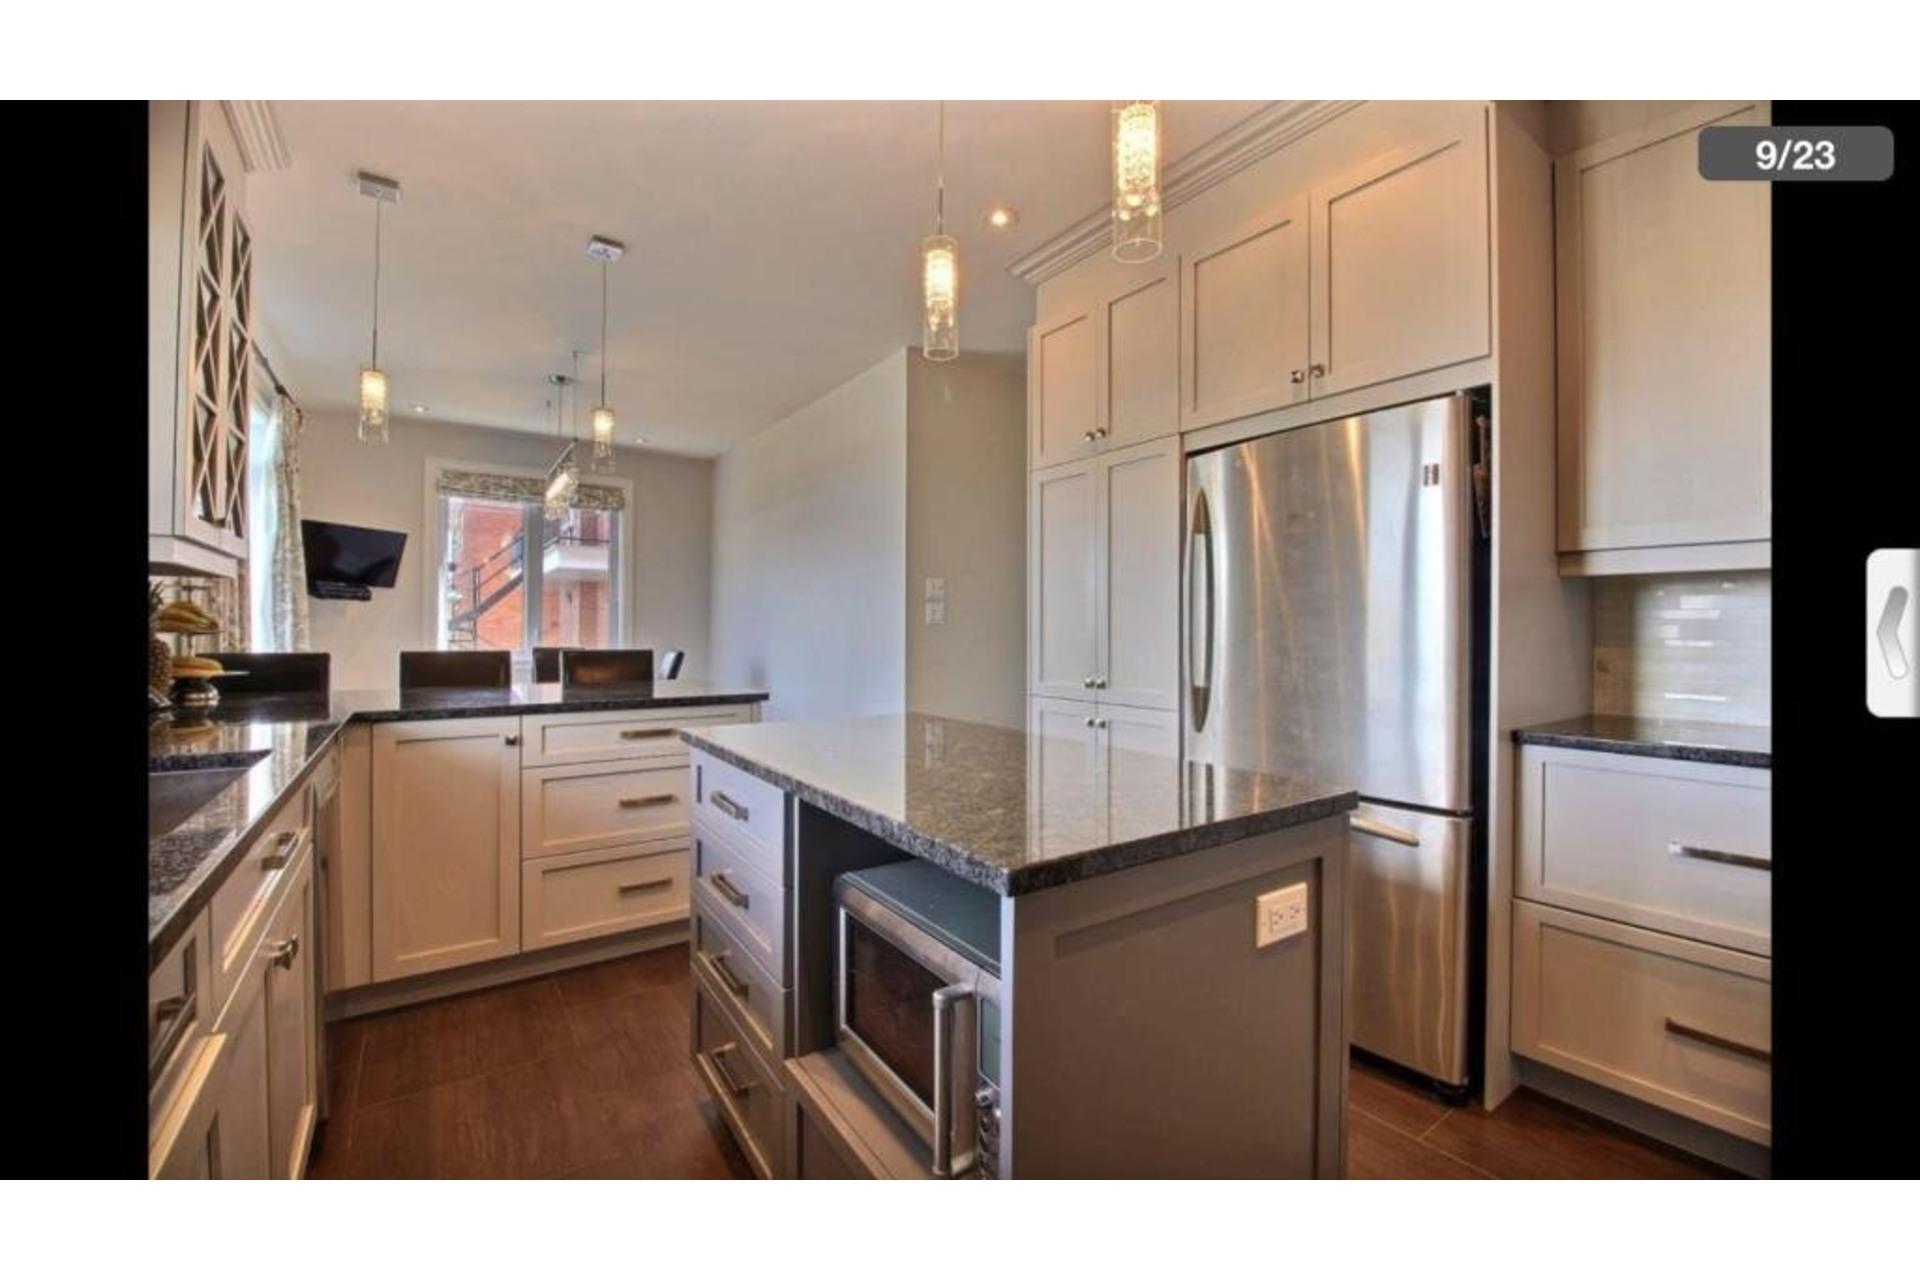 image 4 - Apartment For rent Montréal Saint-Laurent  - 10 rooms